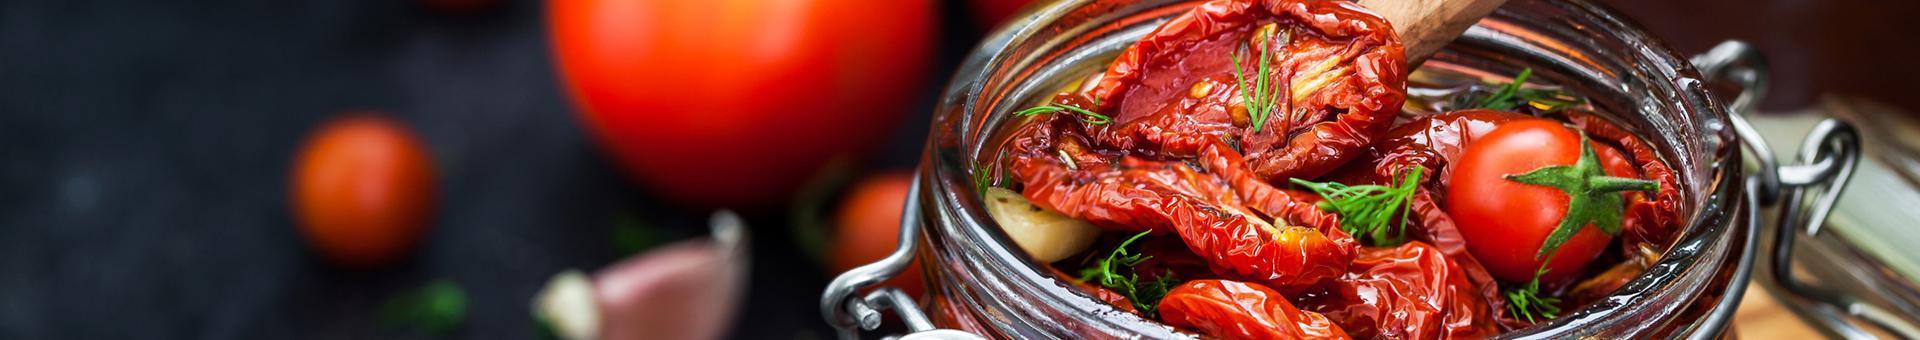 pomidory suszone w słoiku